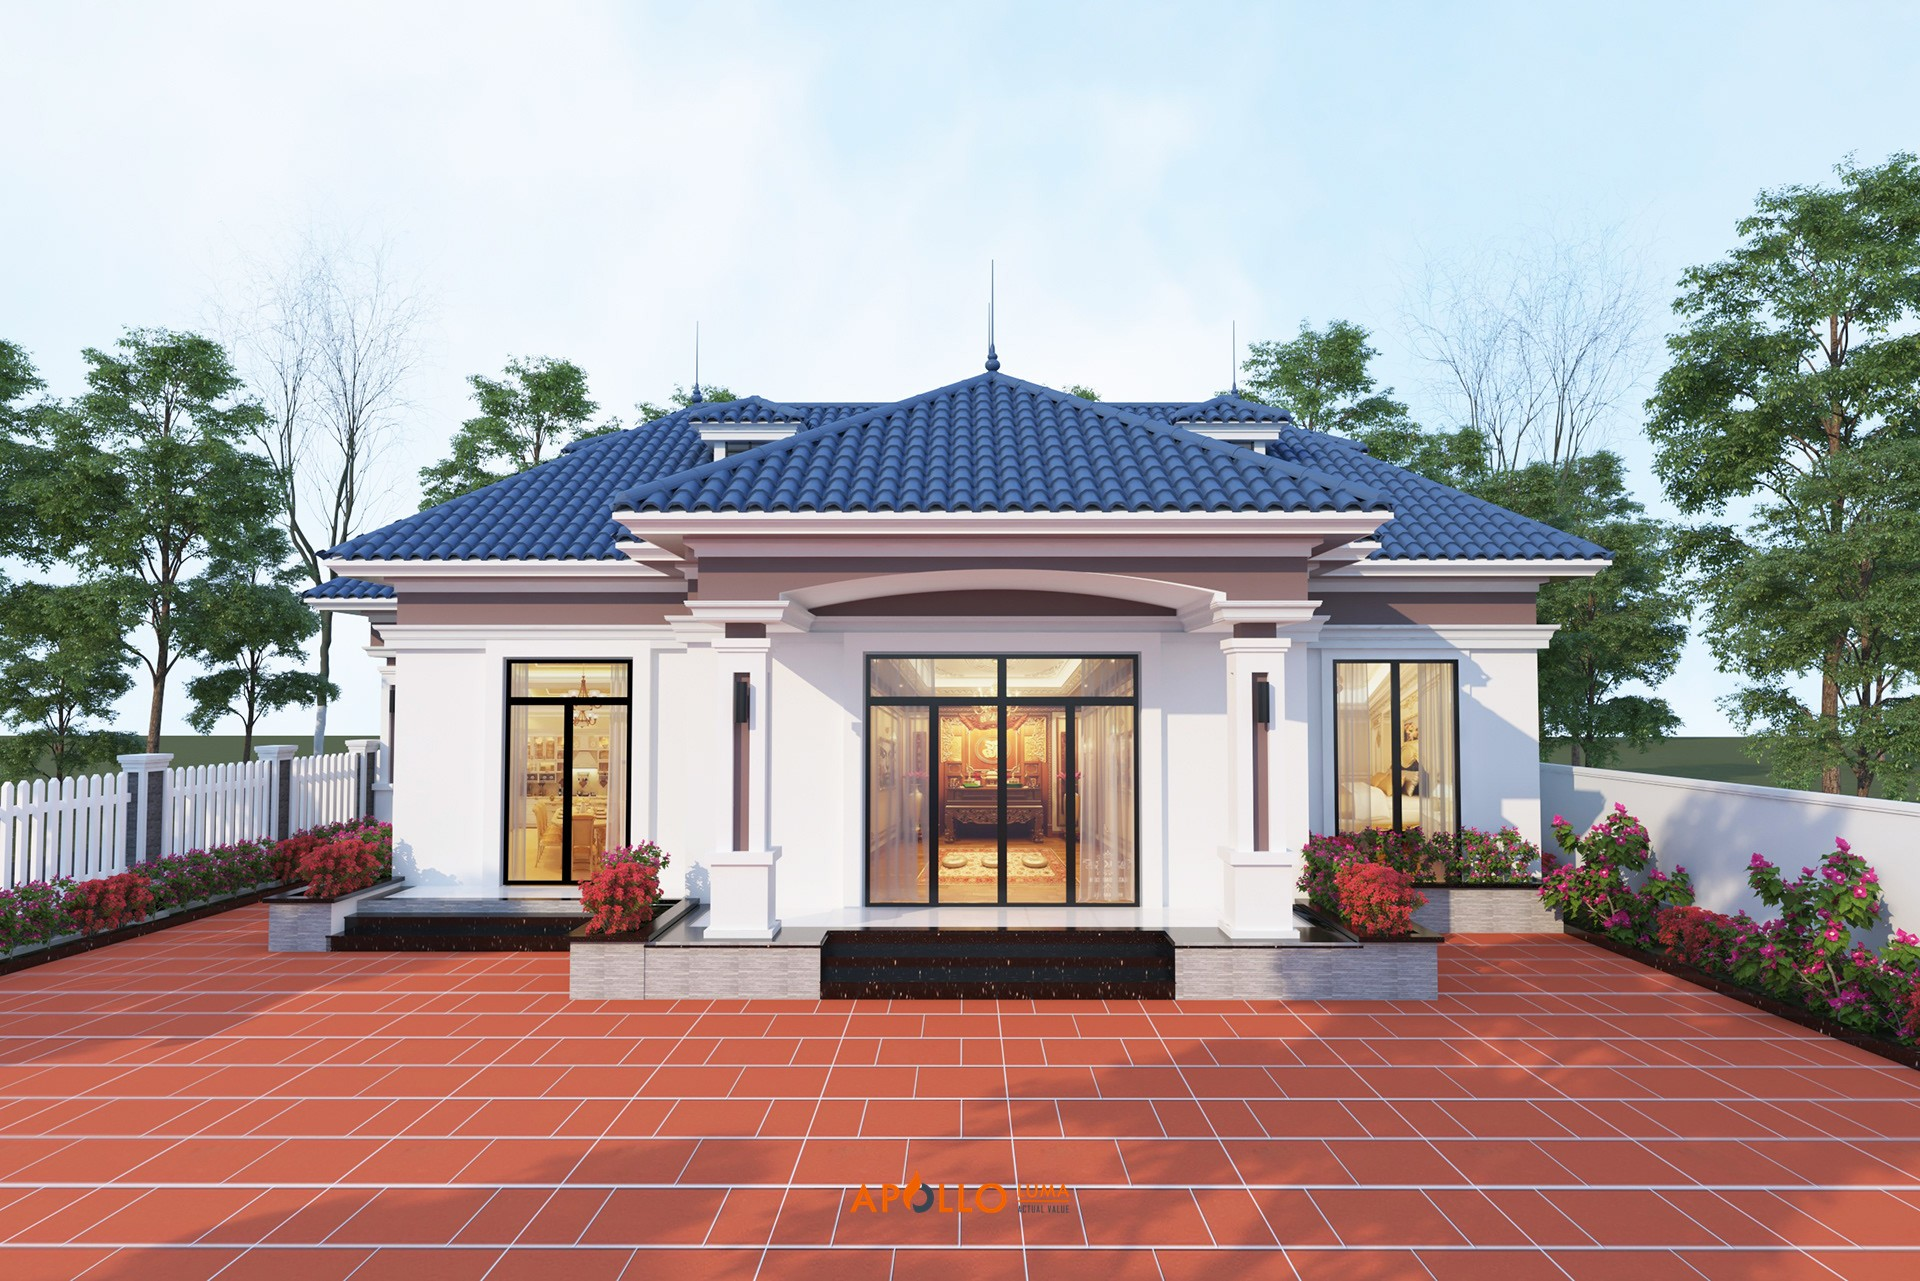 Thiết kế nhà vườn 1 tầng tại Sóc Sơn (Hà Nội) - NV03